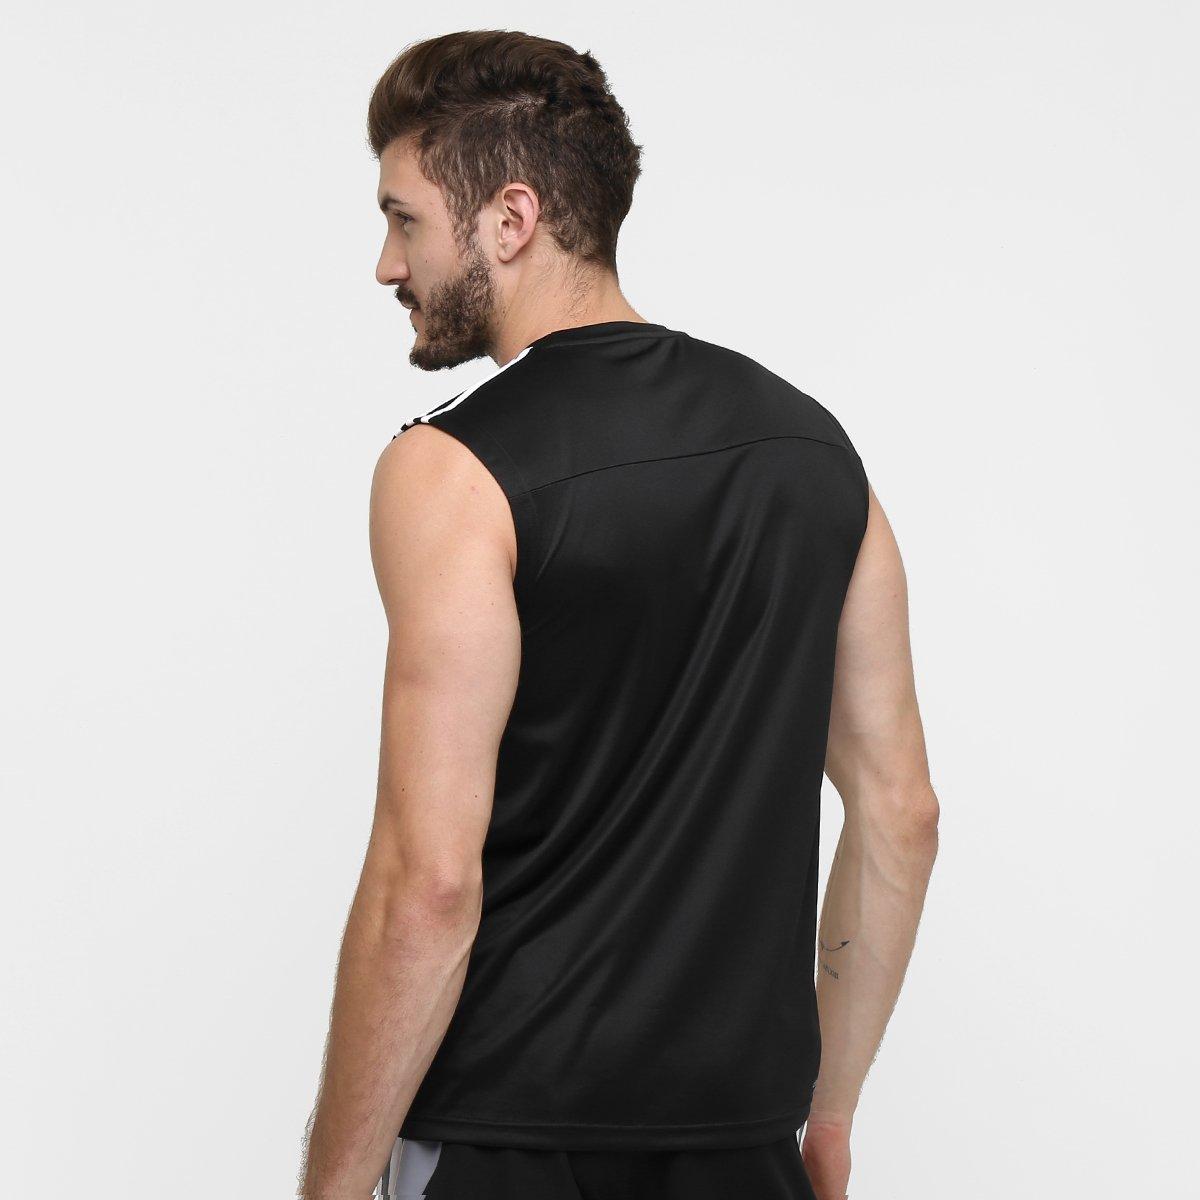 Camiseta Regata Adidas Base 3S Masculina - Compre Agora  9e35696229fca